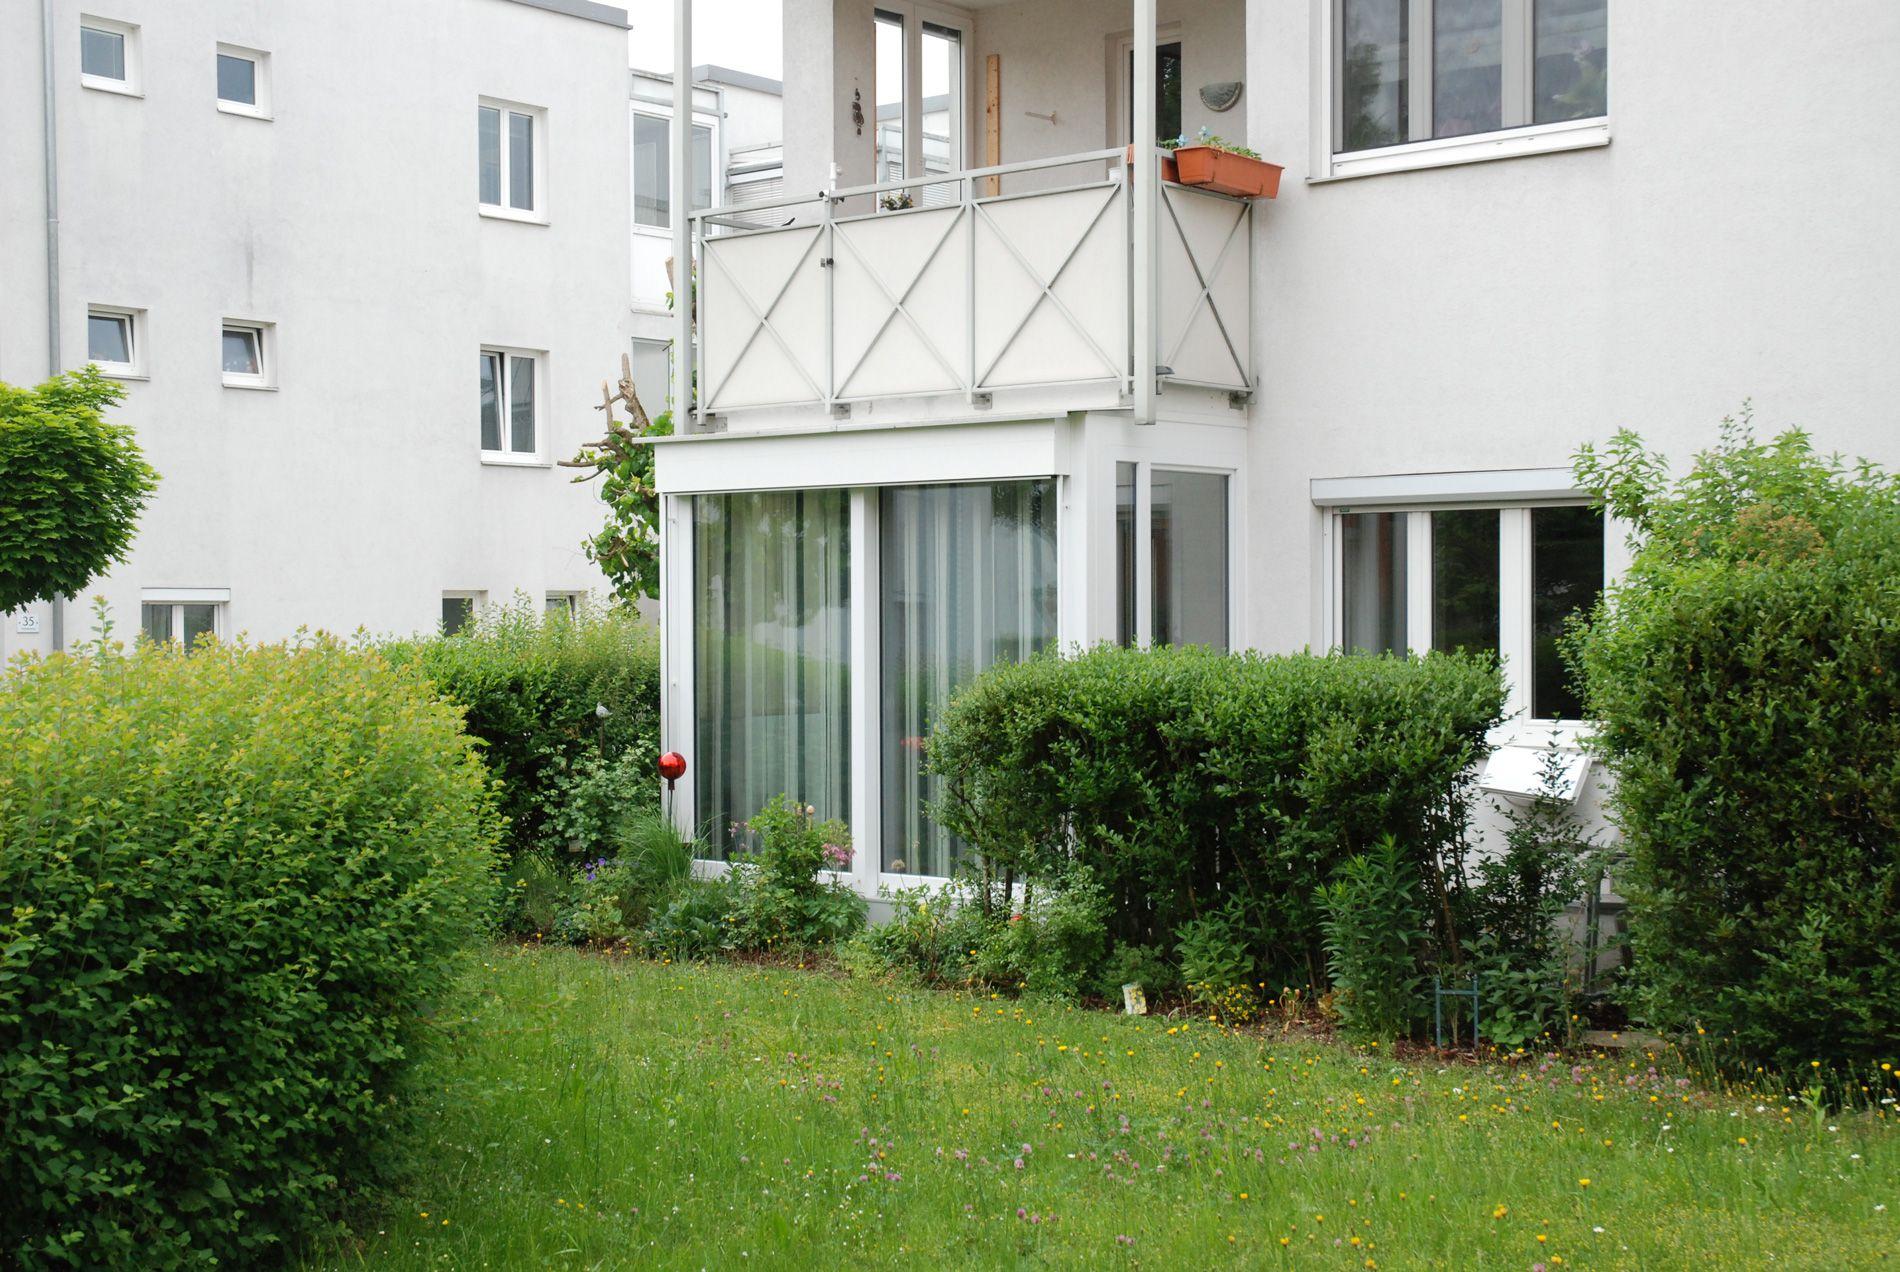 Fesselnd Kleiner Wintergarten Unter Balkon